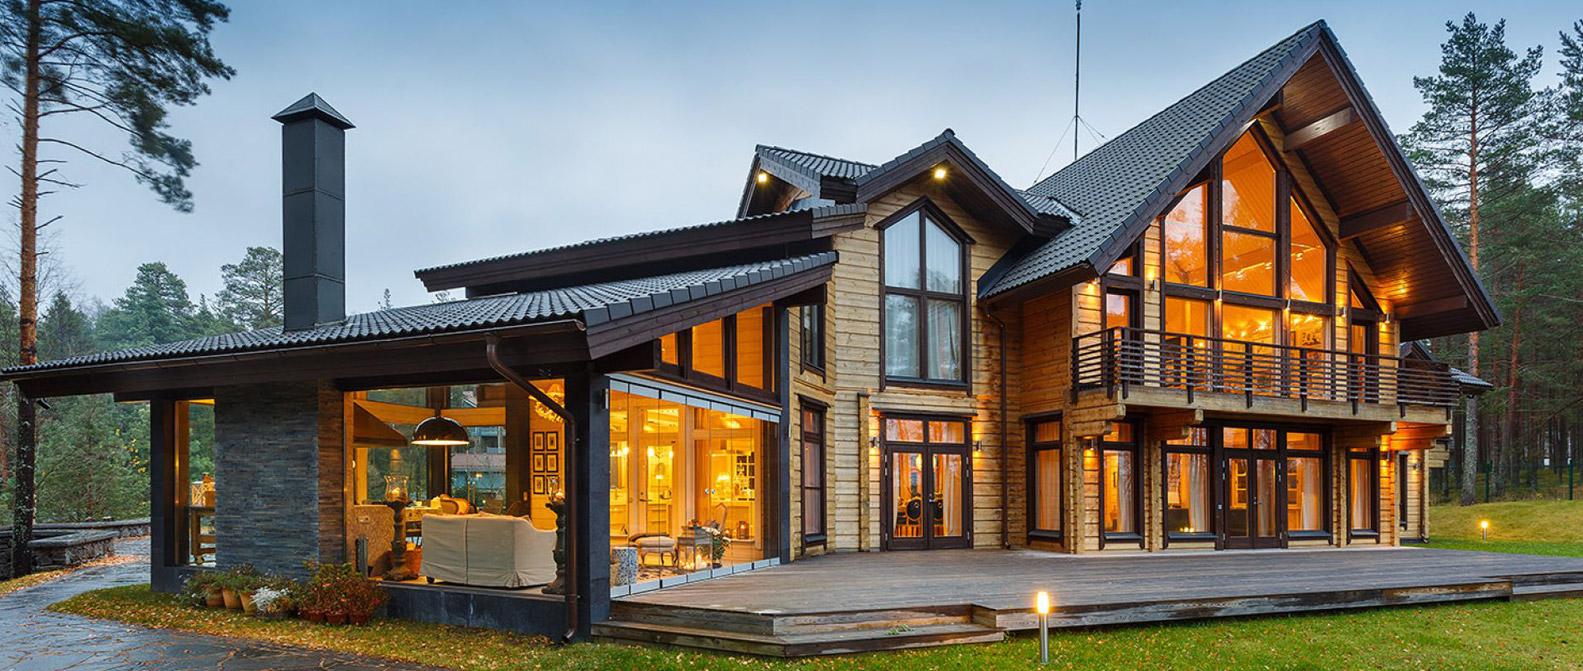 Из чего строят дома в финляндии